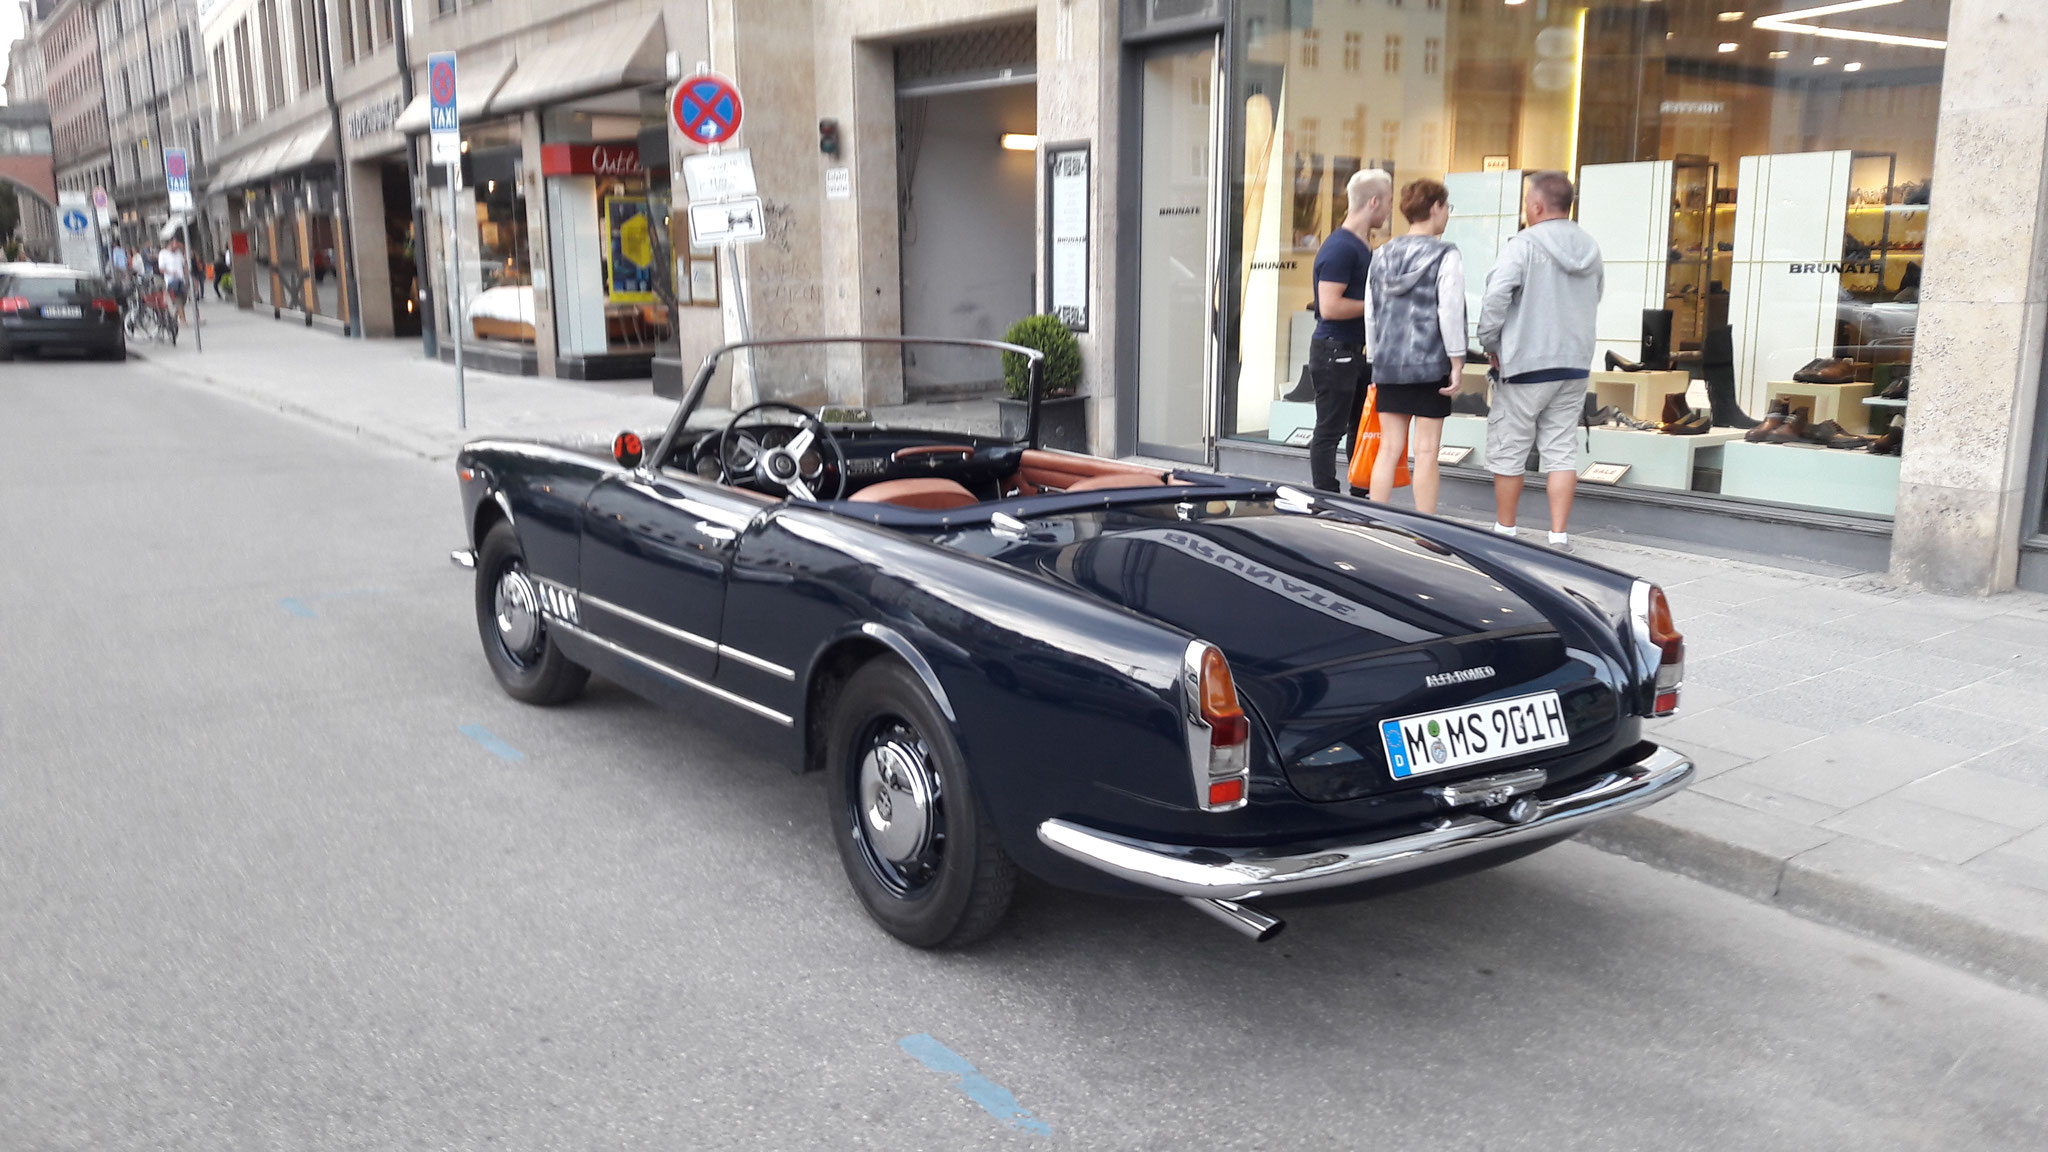 Alfa Romeo 2600 Spider - M-MS-901H